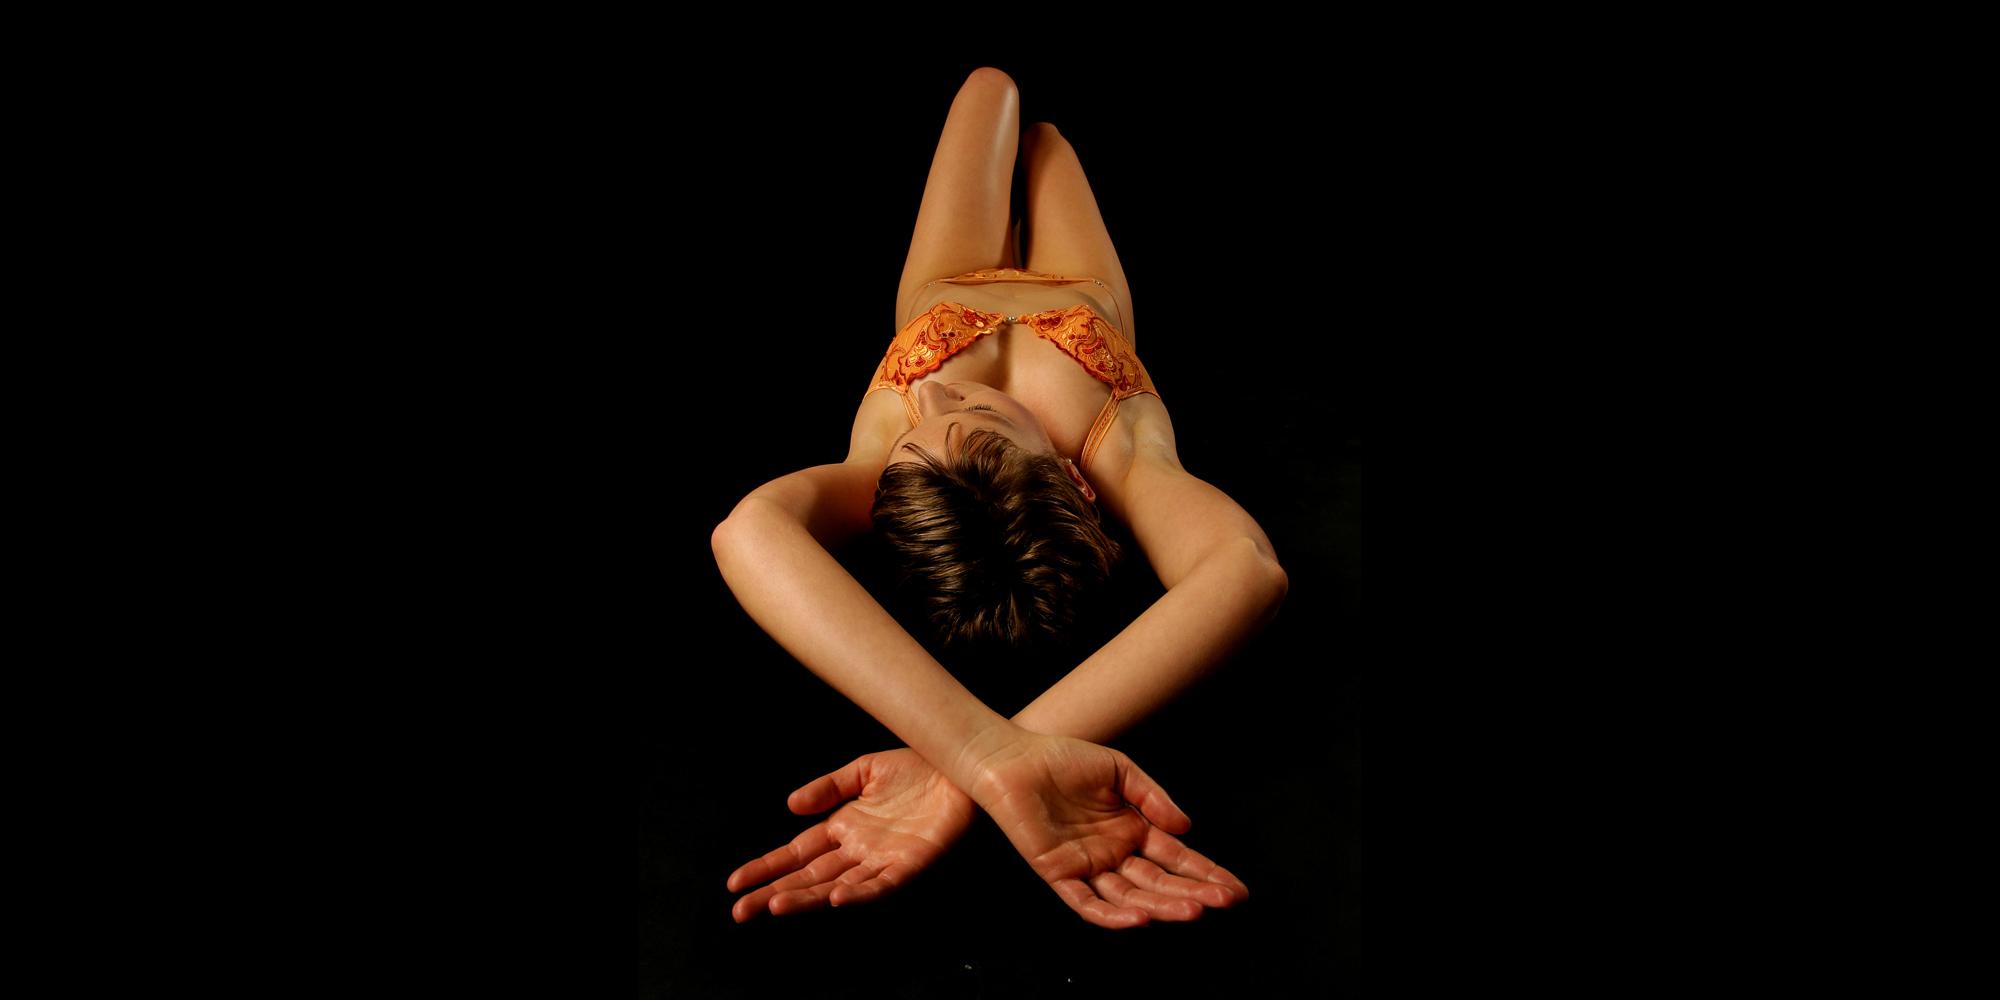 Frontansicht von oben einer liegenden Frau in erotischer Unterwäsche, die ihr Bein anwinkelt und ihre Arme über dem Kopf kreuzt.